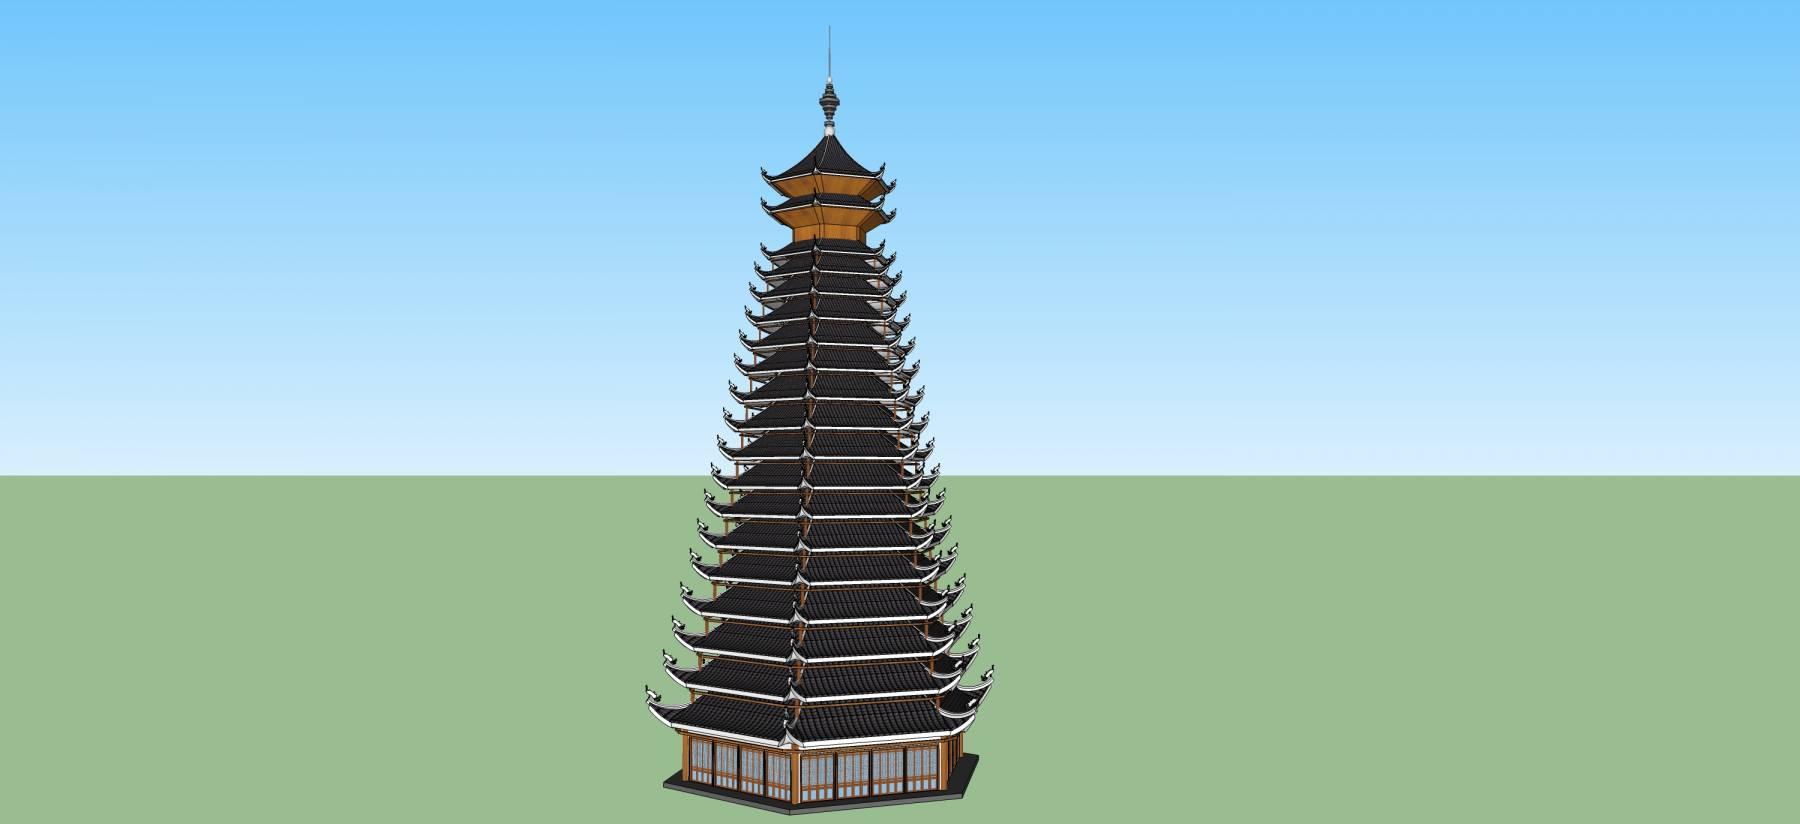 中式风格塔